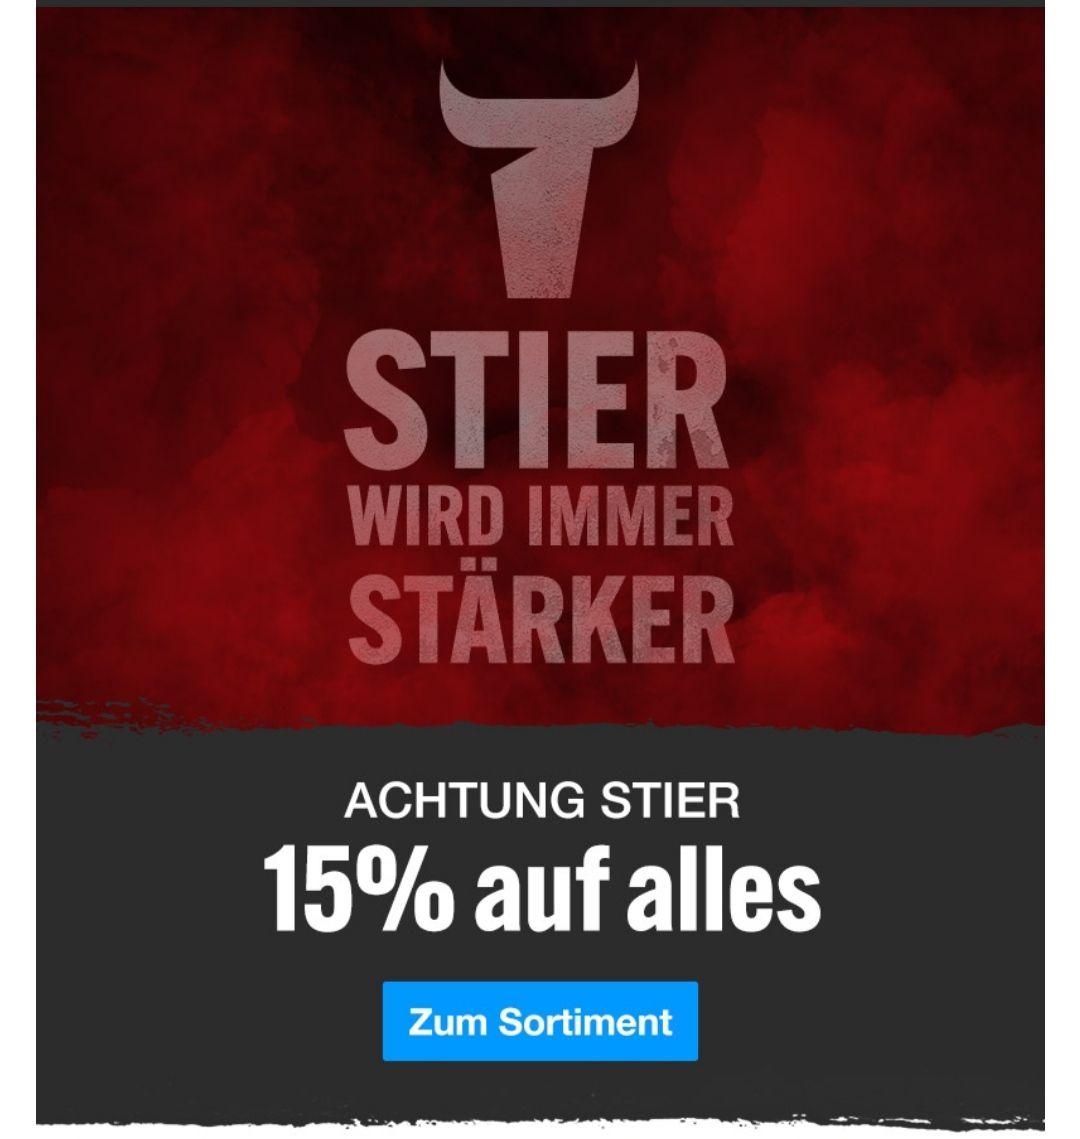 [Contorion] 15% auf ALLES von der Marke STIER